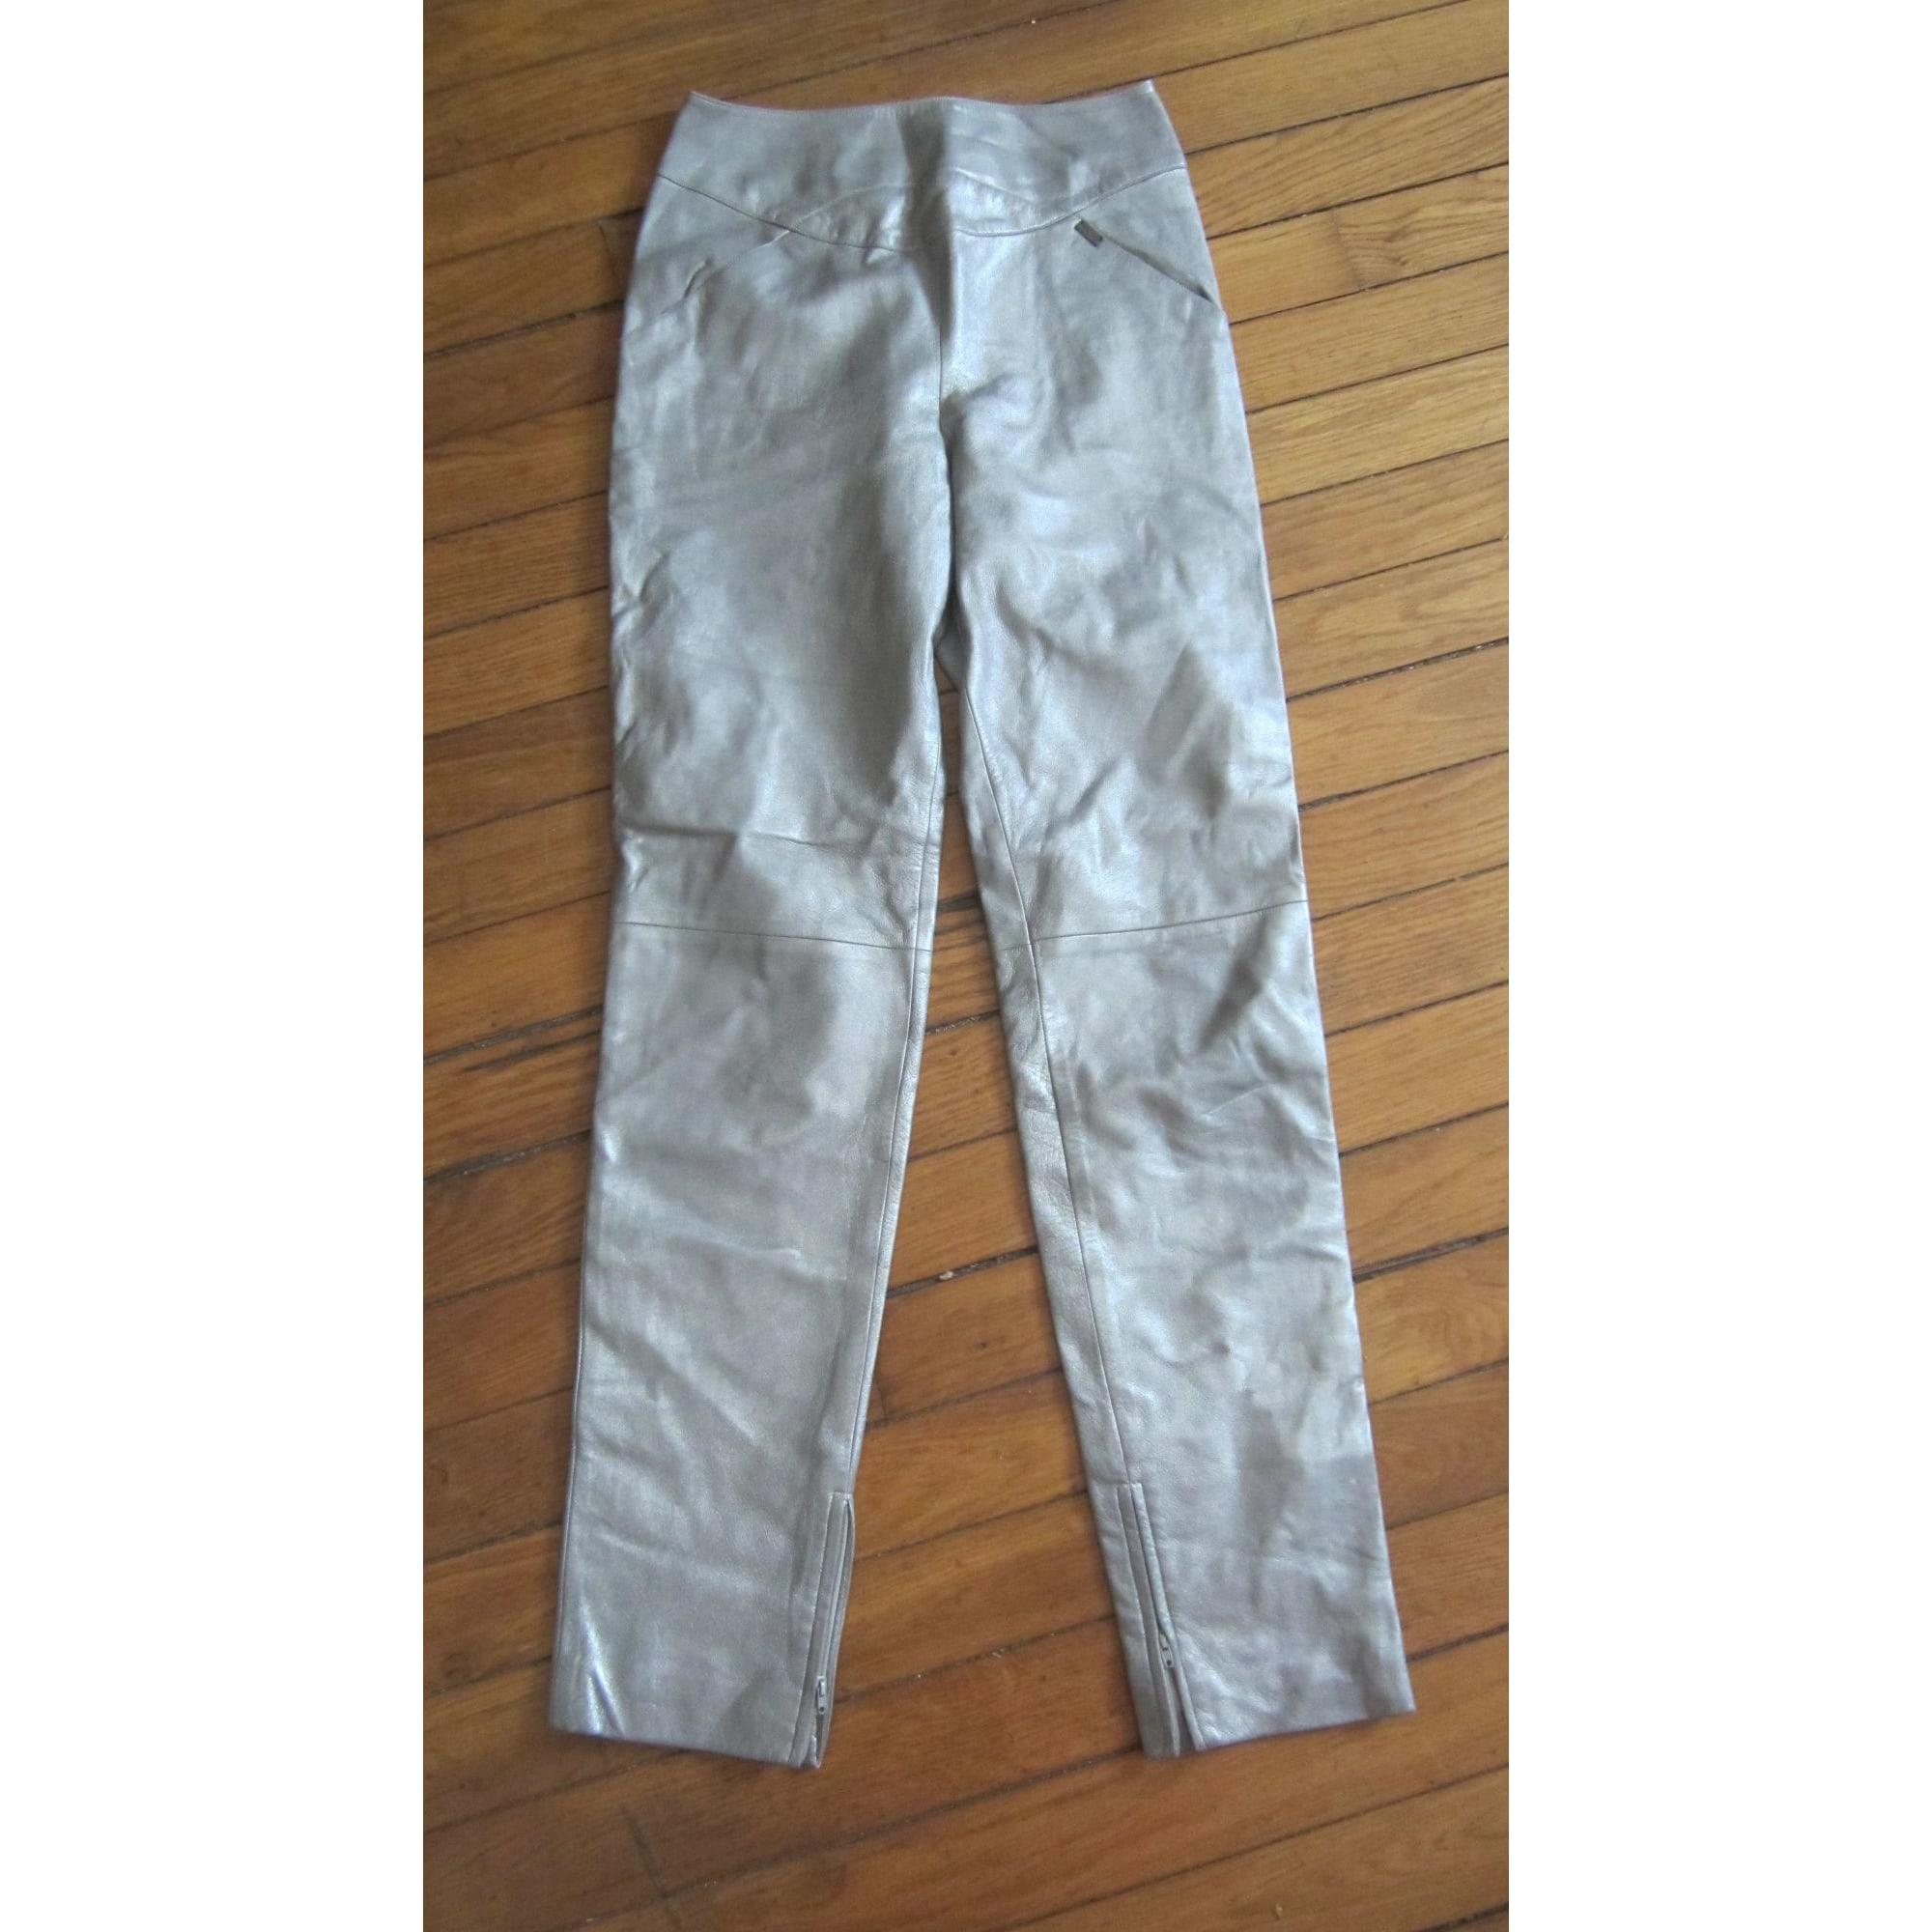 Pantalon slim CHANEL Argenté, acier